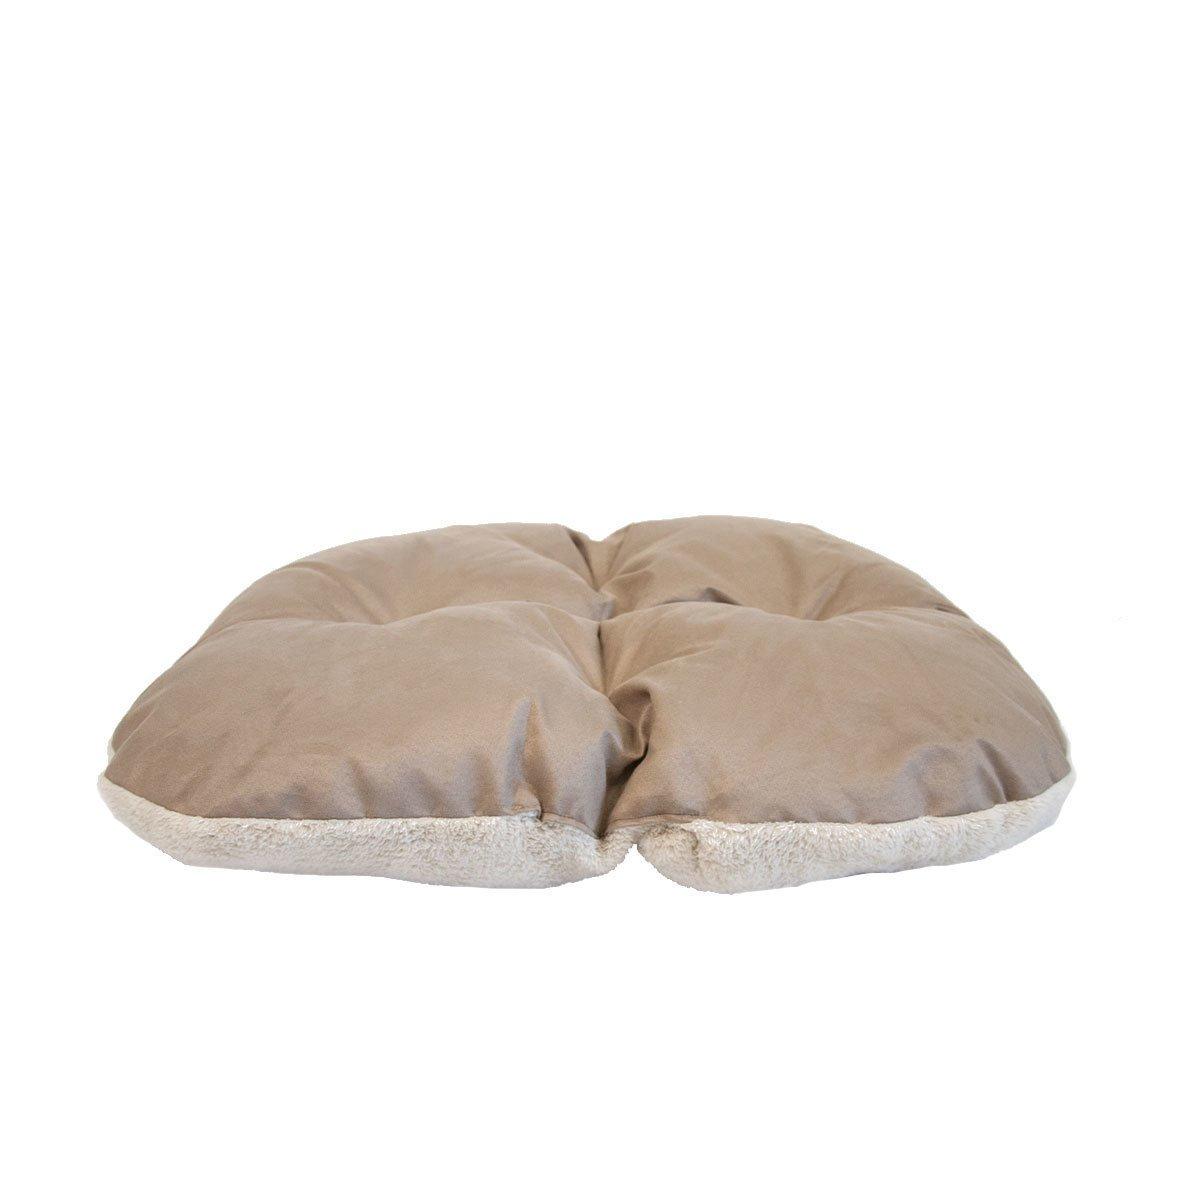 Komfortbett mit hohem Rand Bild 6